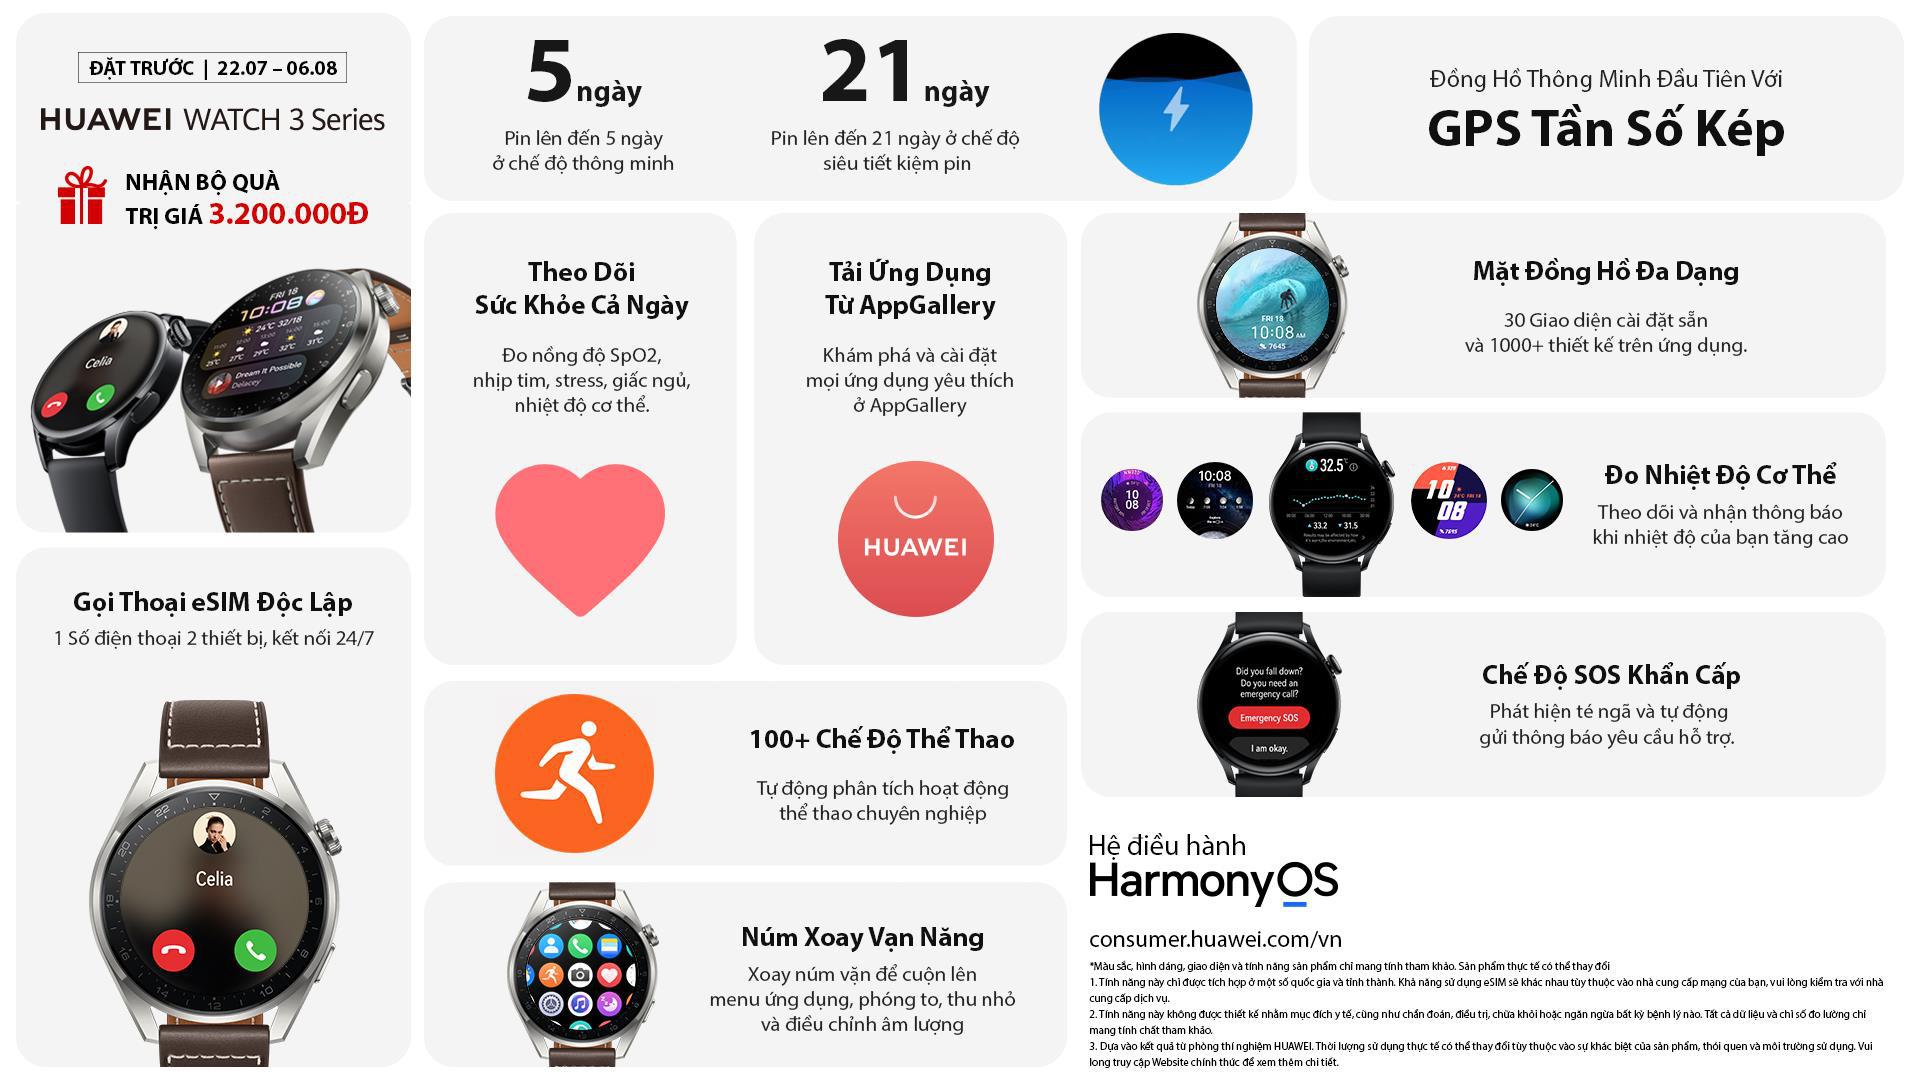 Ngoài đo SpO2, đây là 5 lý do khác khiến Huawei Watch 3 series xứng đáng nằm trên cổ tay bạn - Ảnh 4.